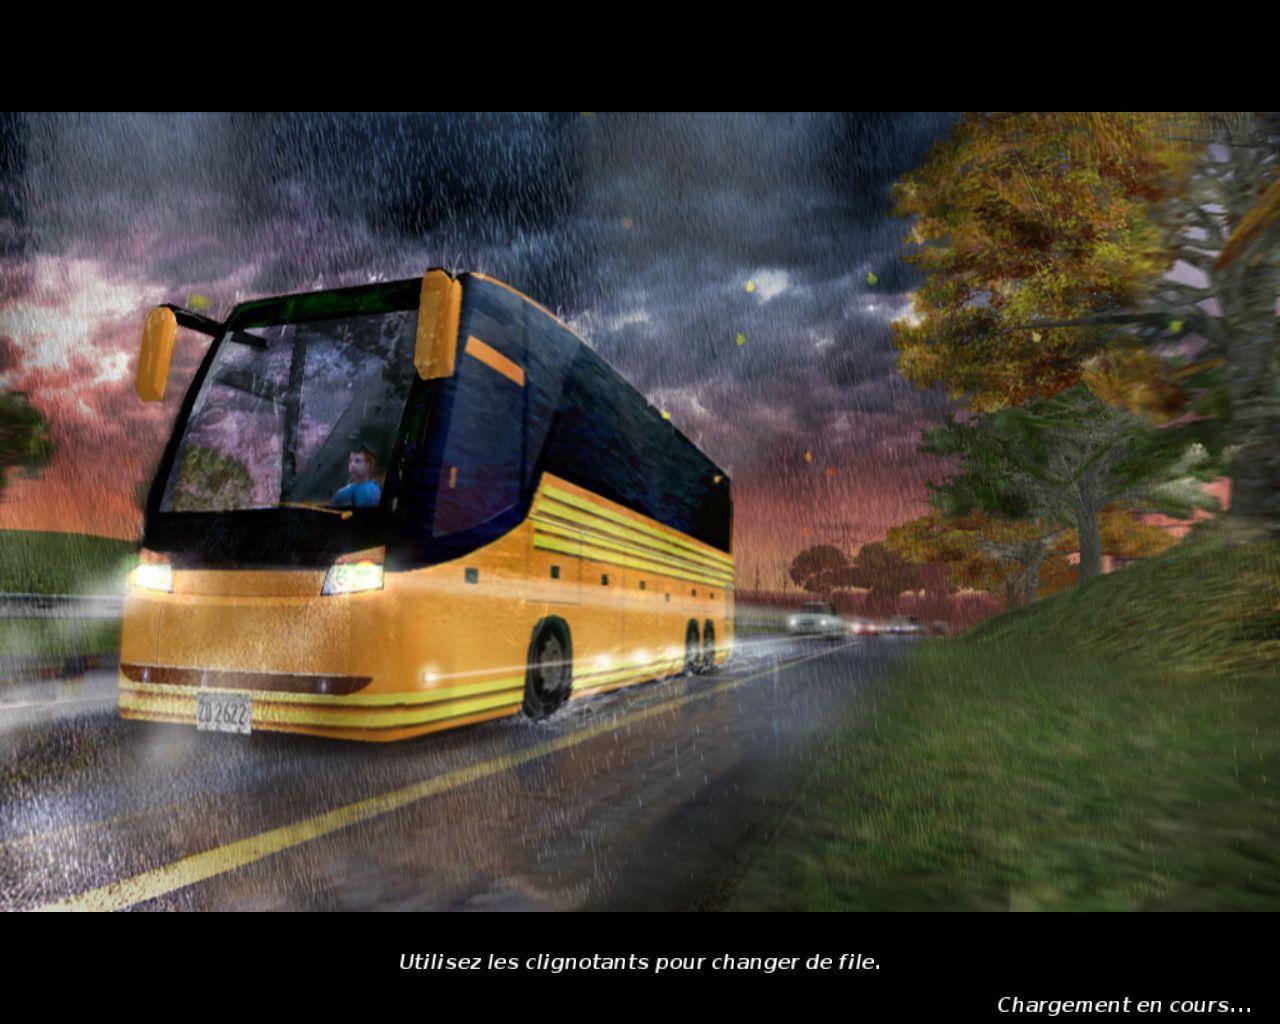 Bus Simulator 16 Telecharger Version Complte Gratuit